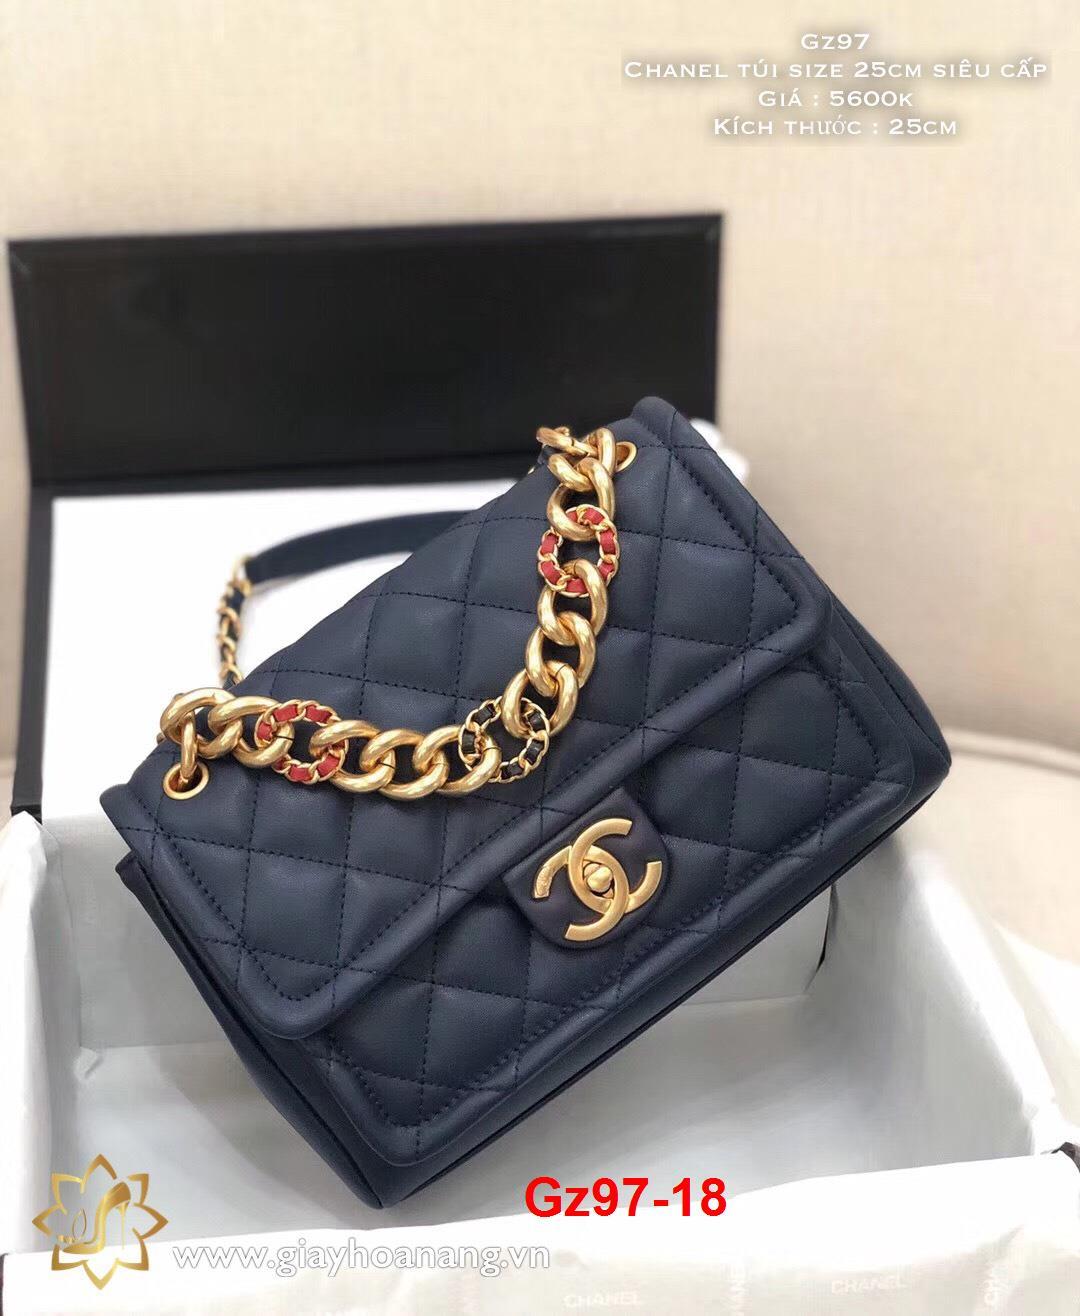 Gz97-18 Chanel túi size 25cm siêu cấp